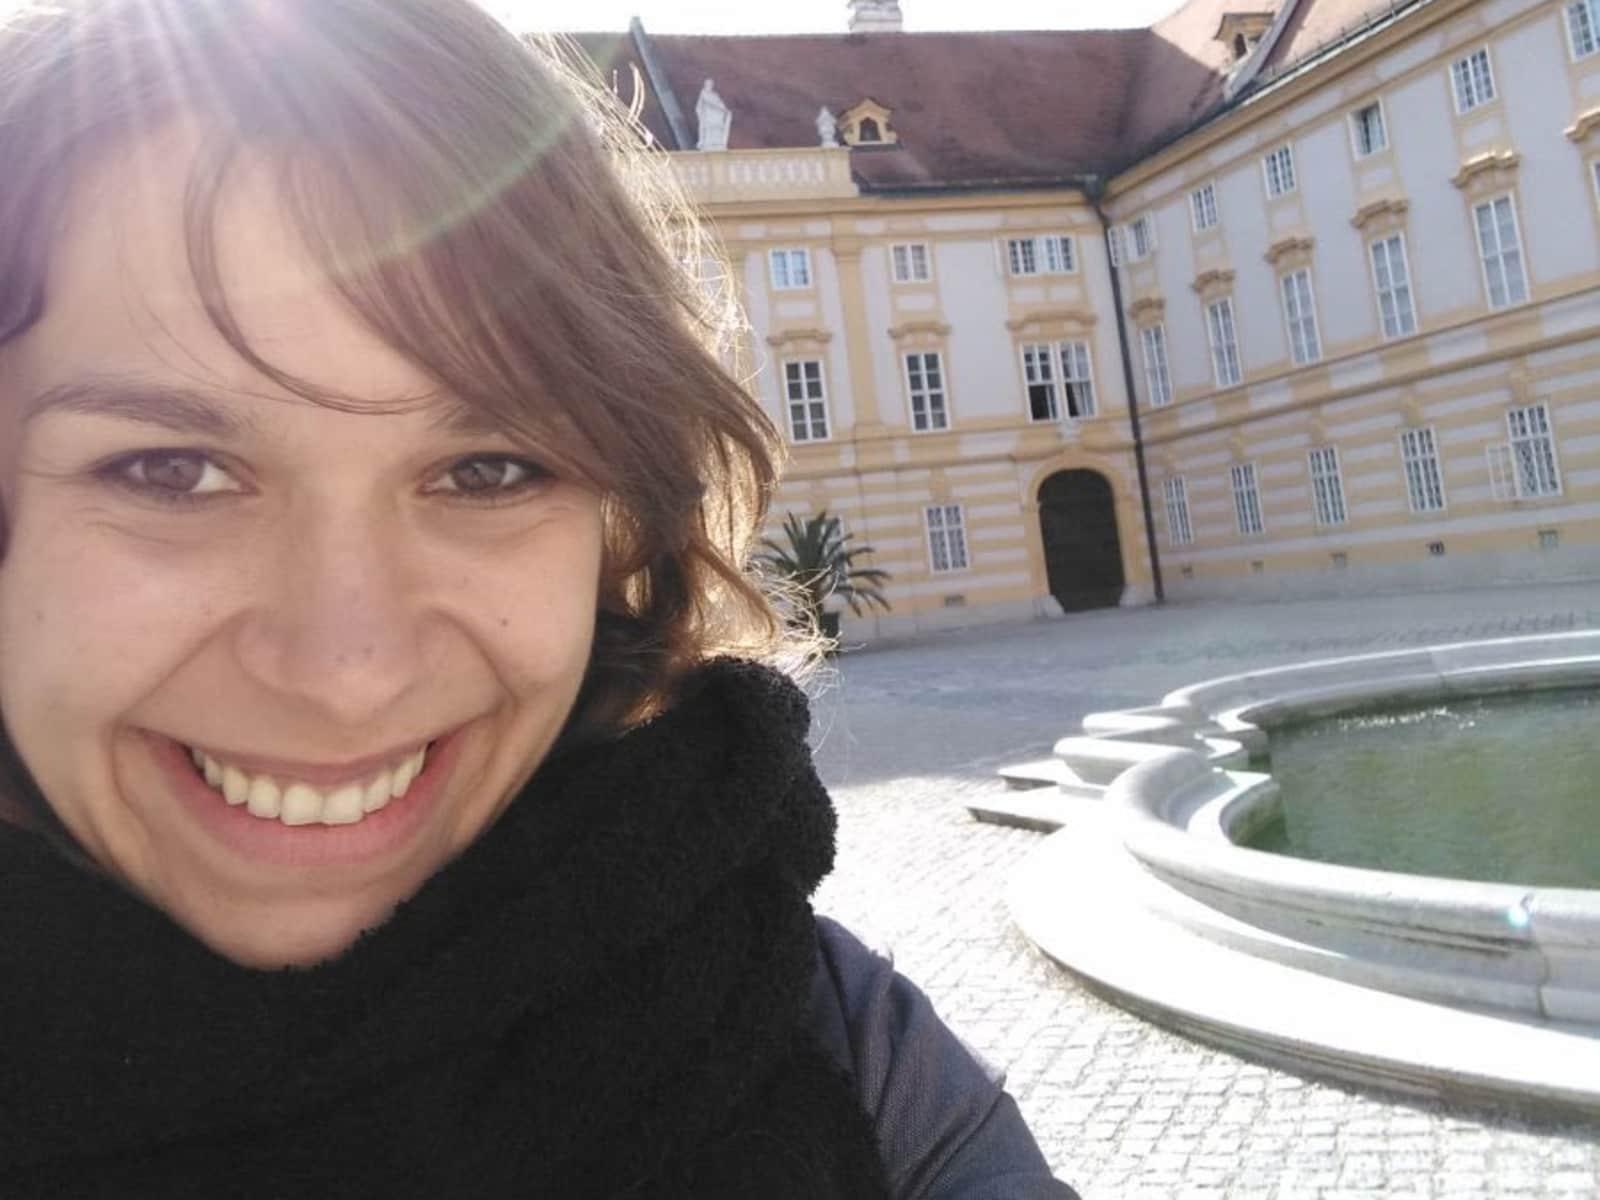 Marlene from Vienna, Austria